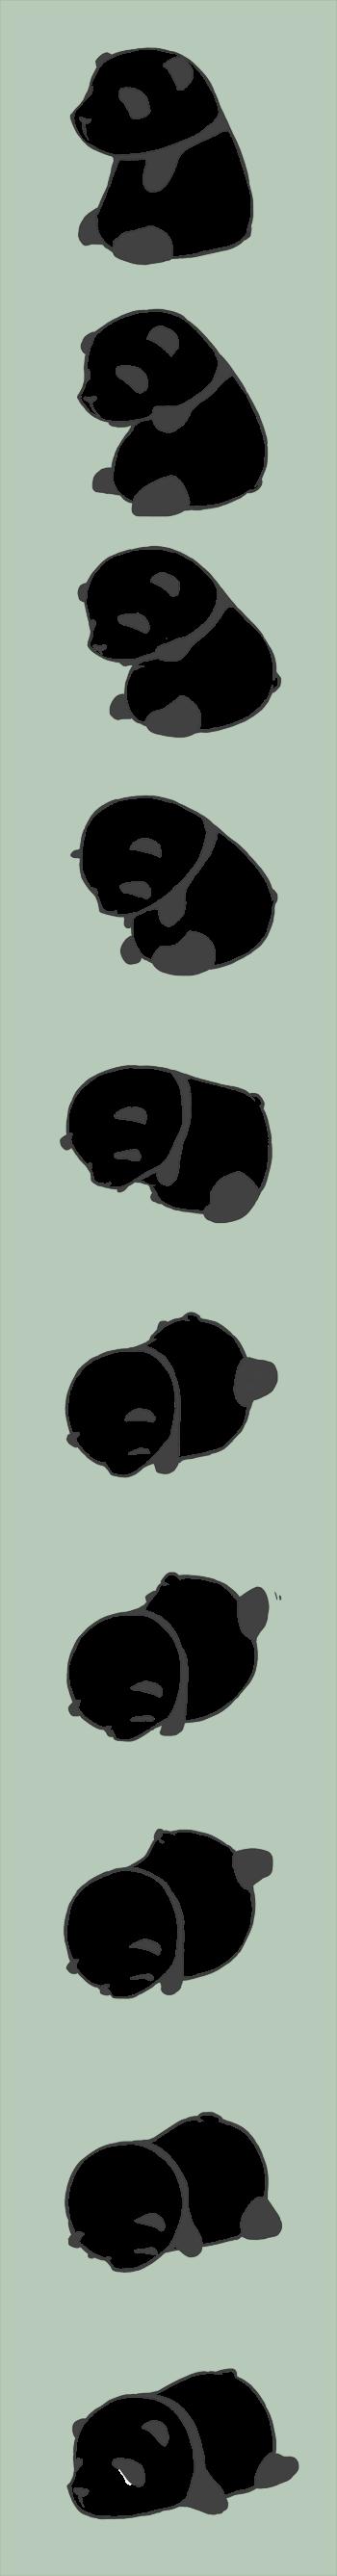 pandapandapanda2